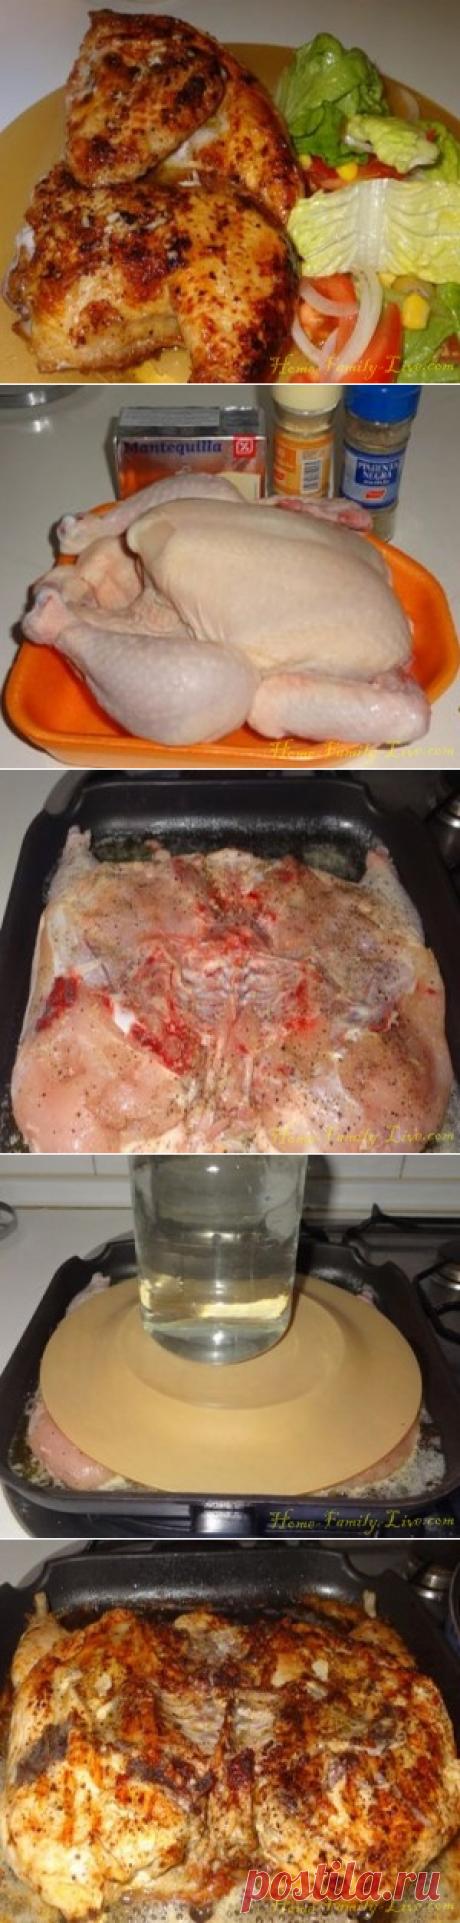 Цыпленок табака/Сайт с пошаговыми рецептами с фото для тех кто любит готовить